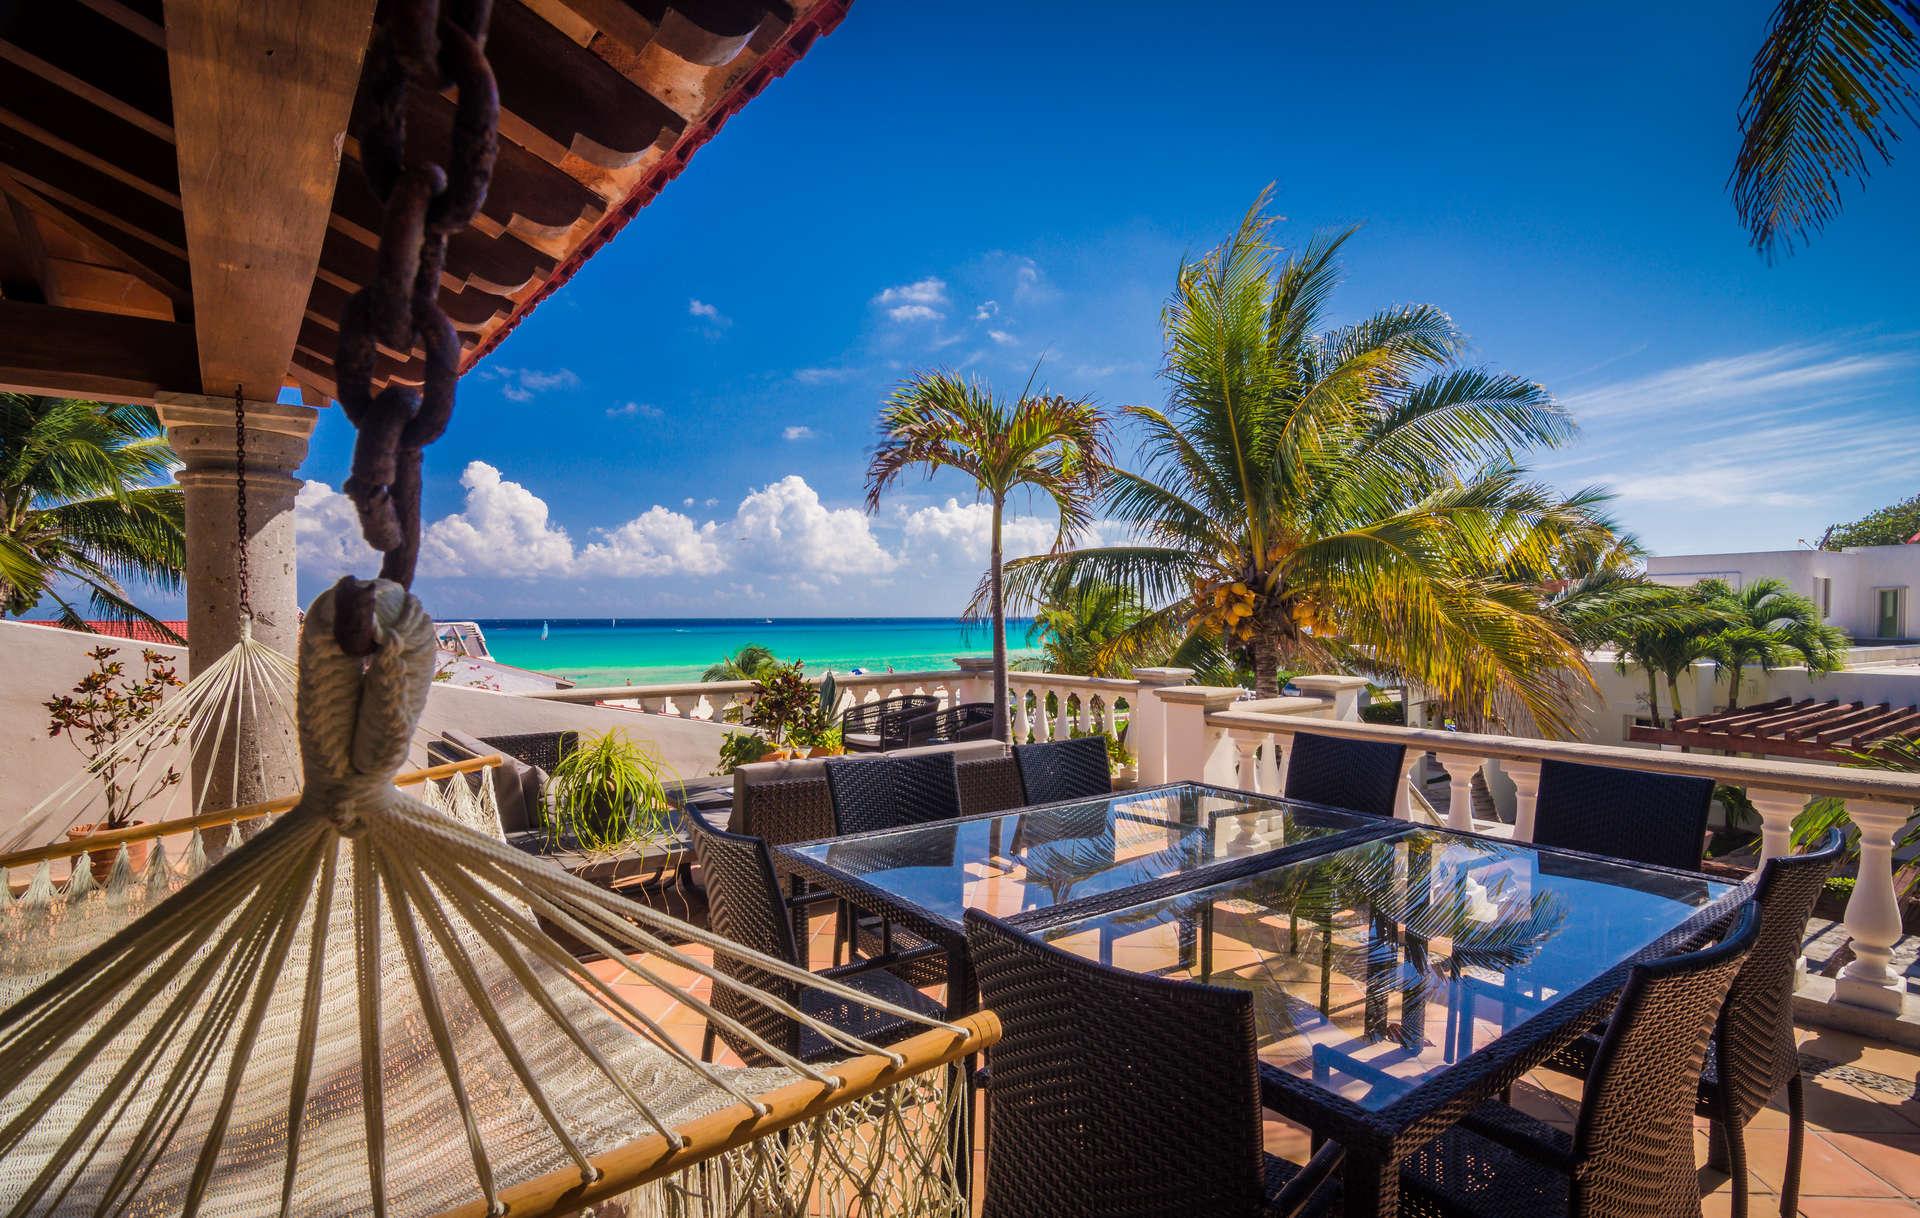 Luxury vacation rentals mexico - Riviera maya - Playa del carmen - No location 4 - Villa Estrella del Mar - Image 1/60